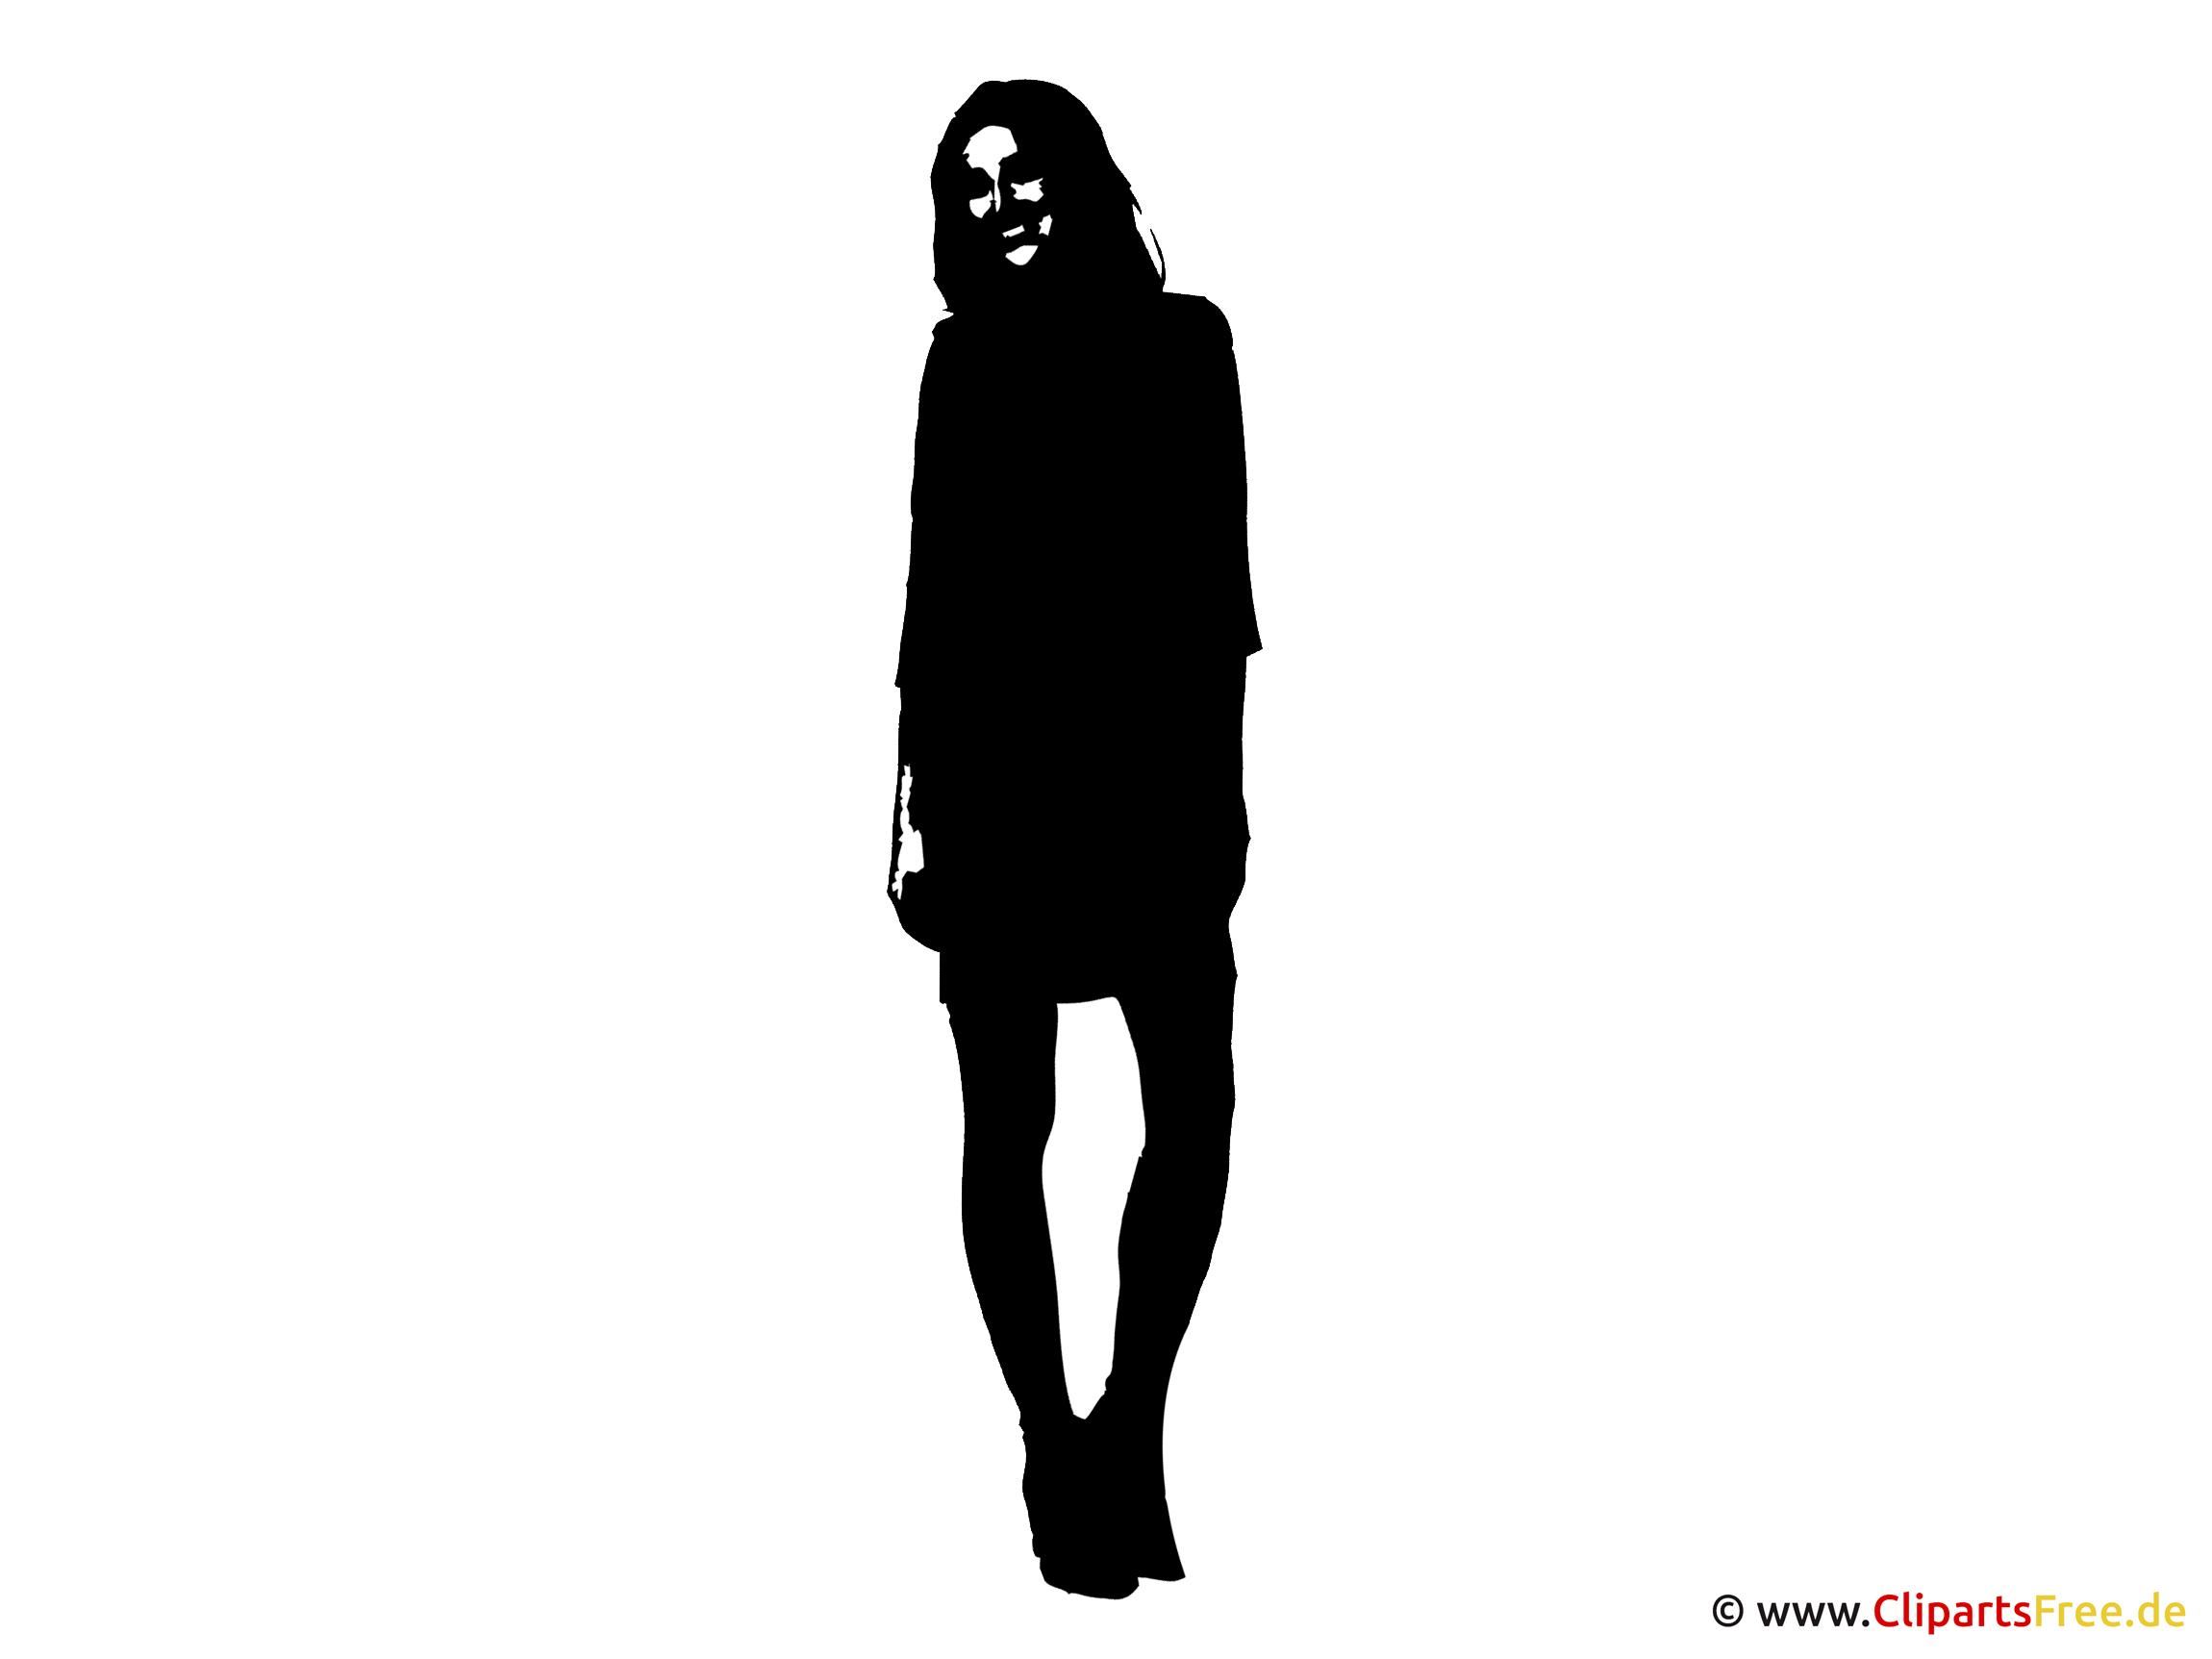 Frau Silhouette